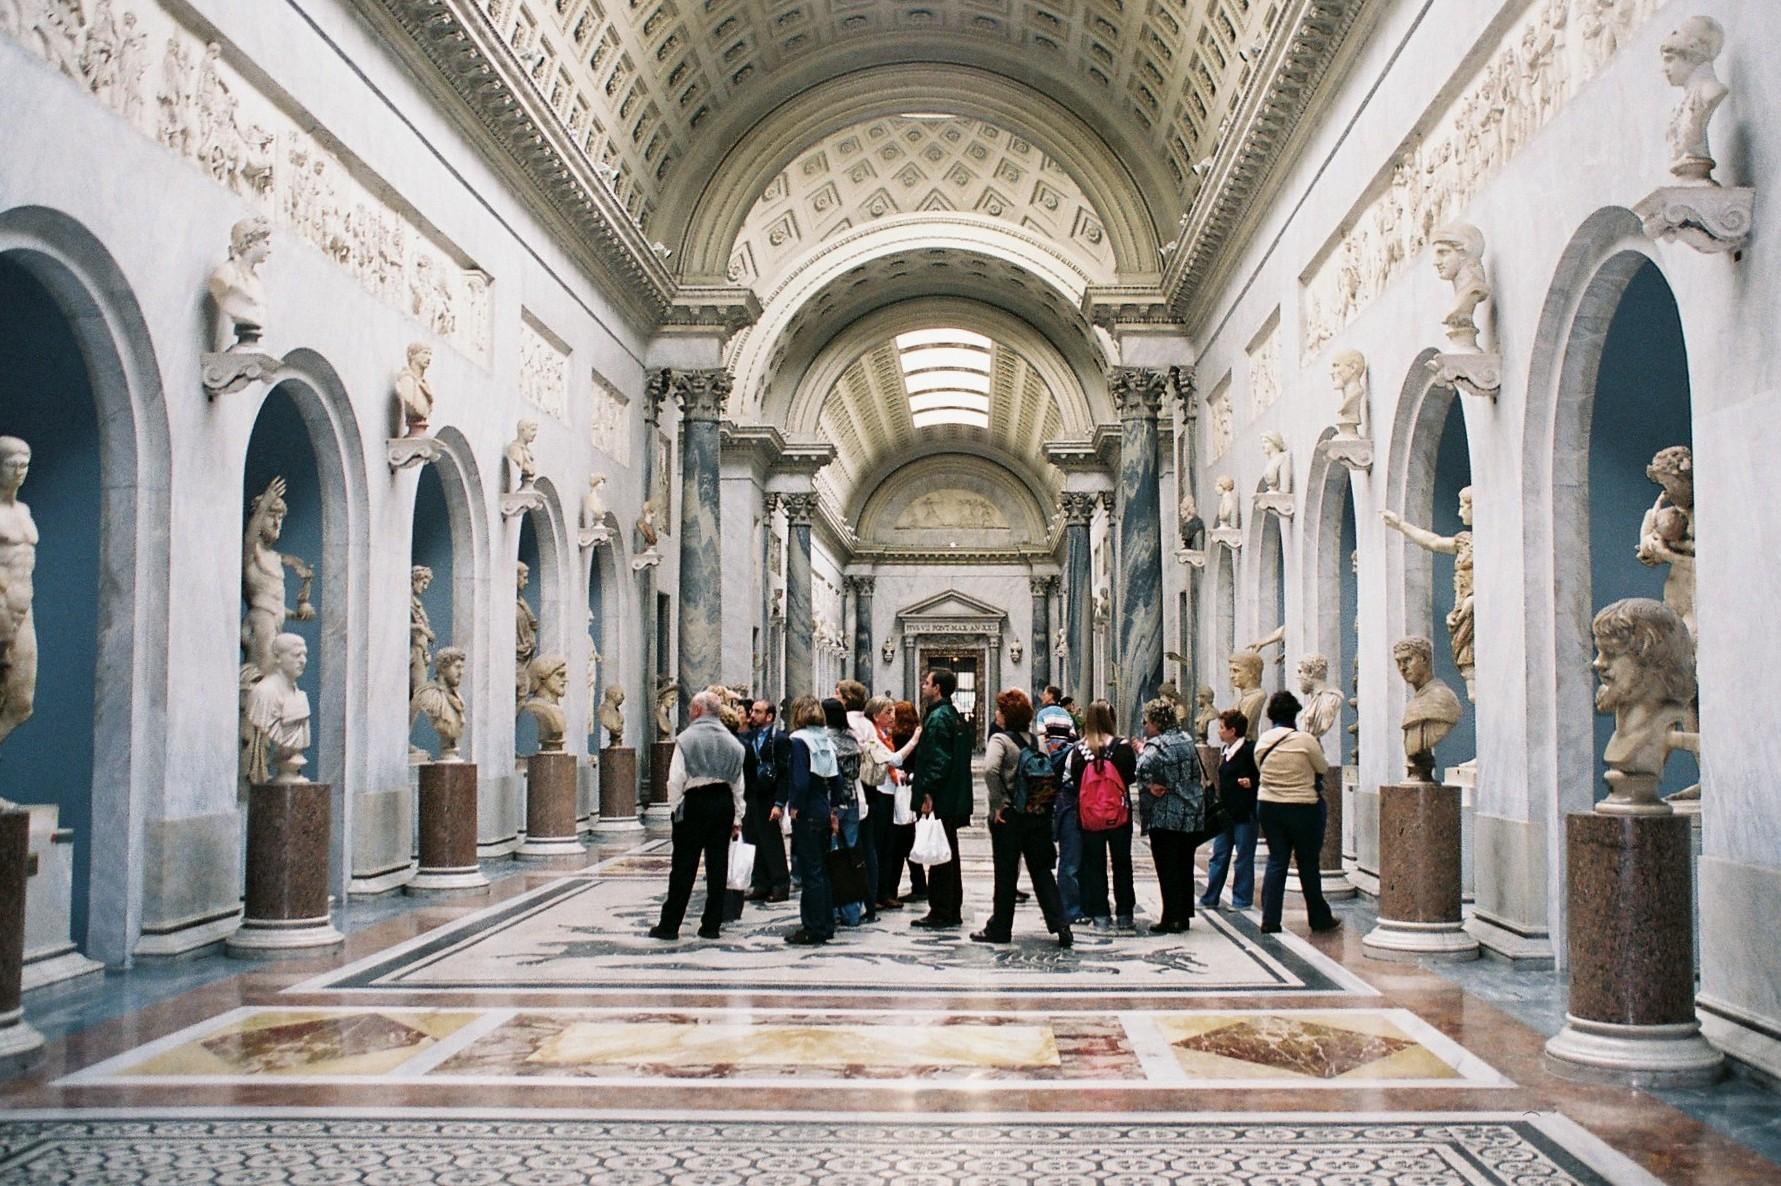 13-09-2021_foto_nei_musei_fanno_scappare_i_visitatori_o_li_attirano.html